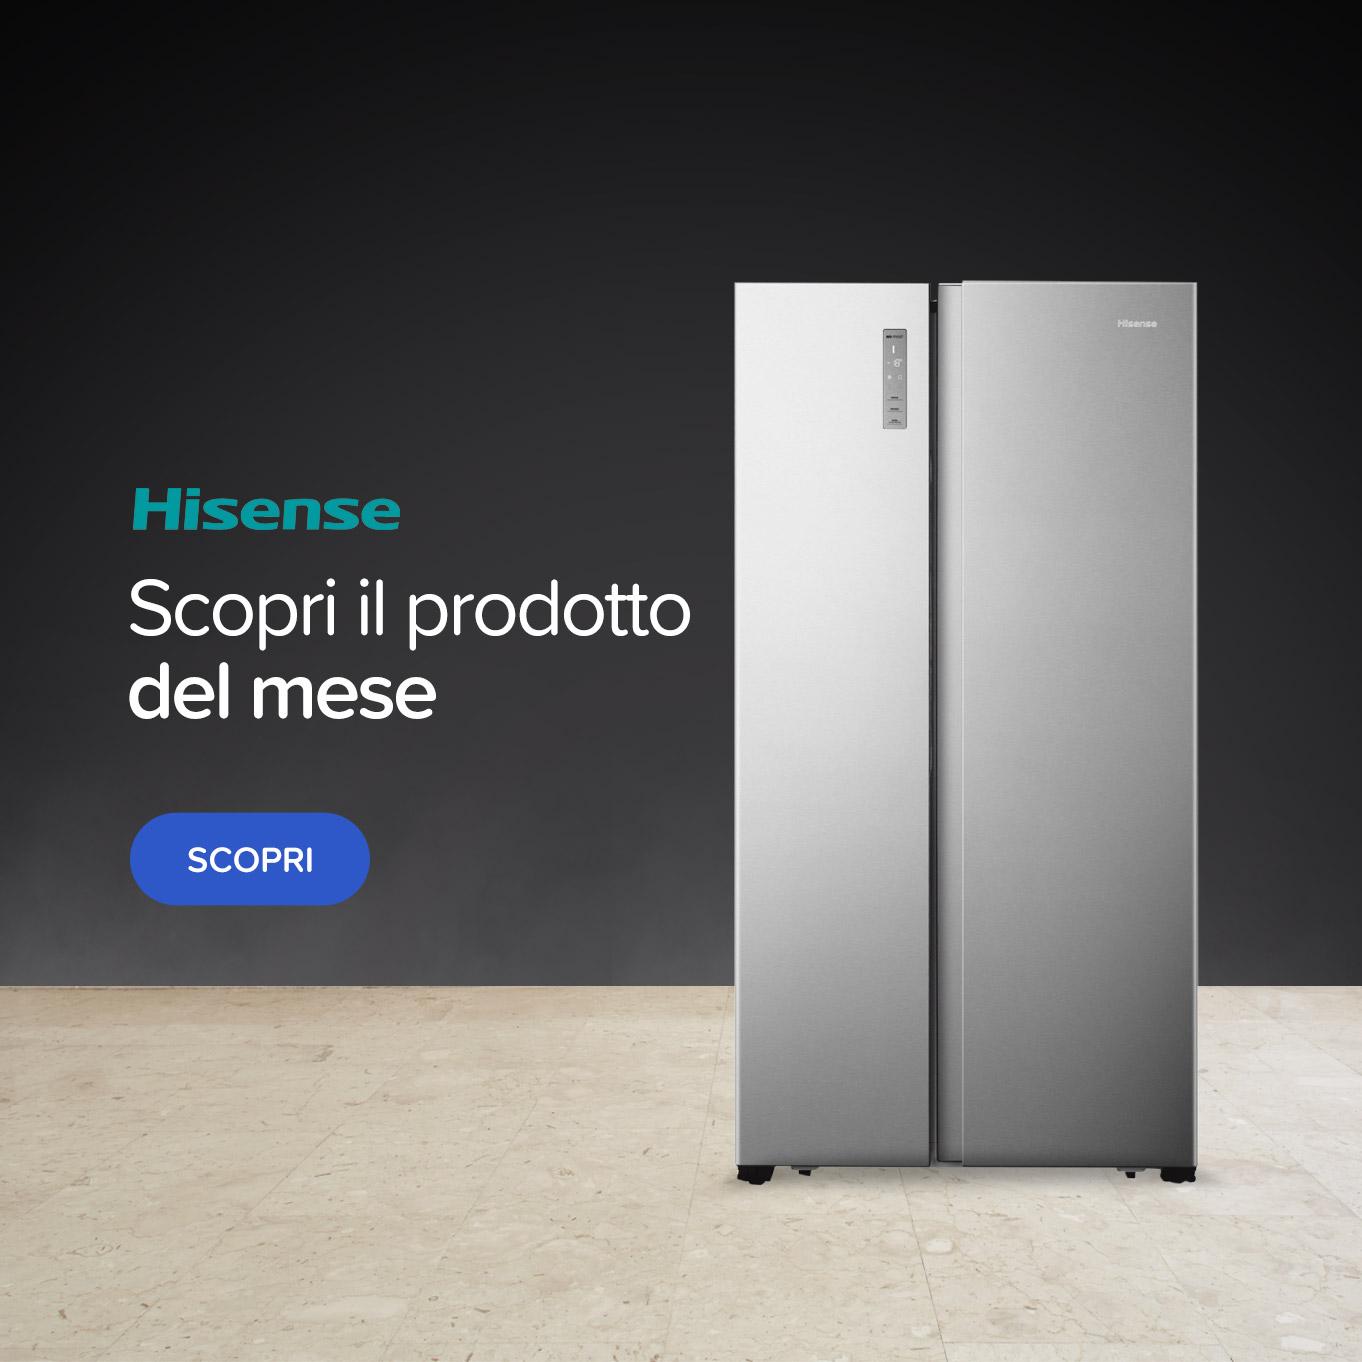 Prodotto del mese frigo Hisense